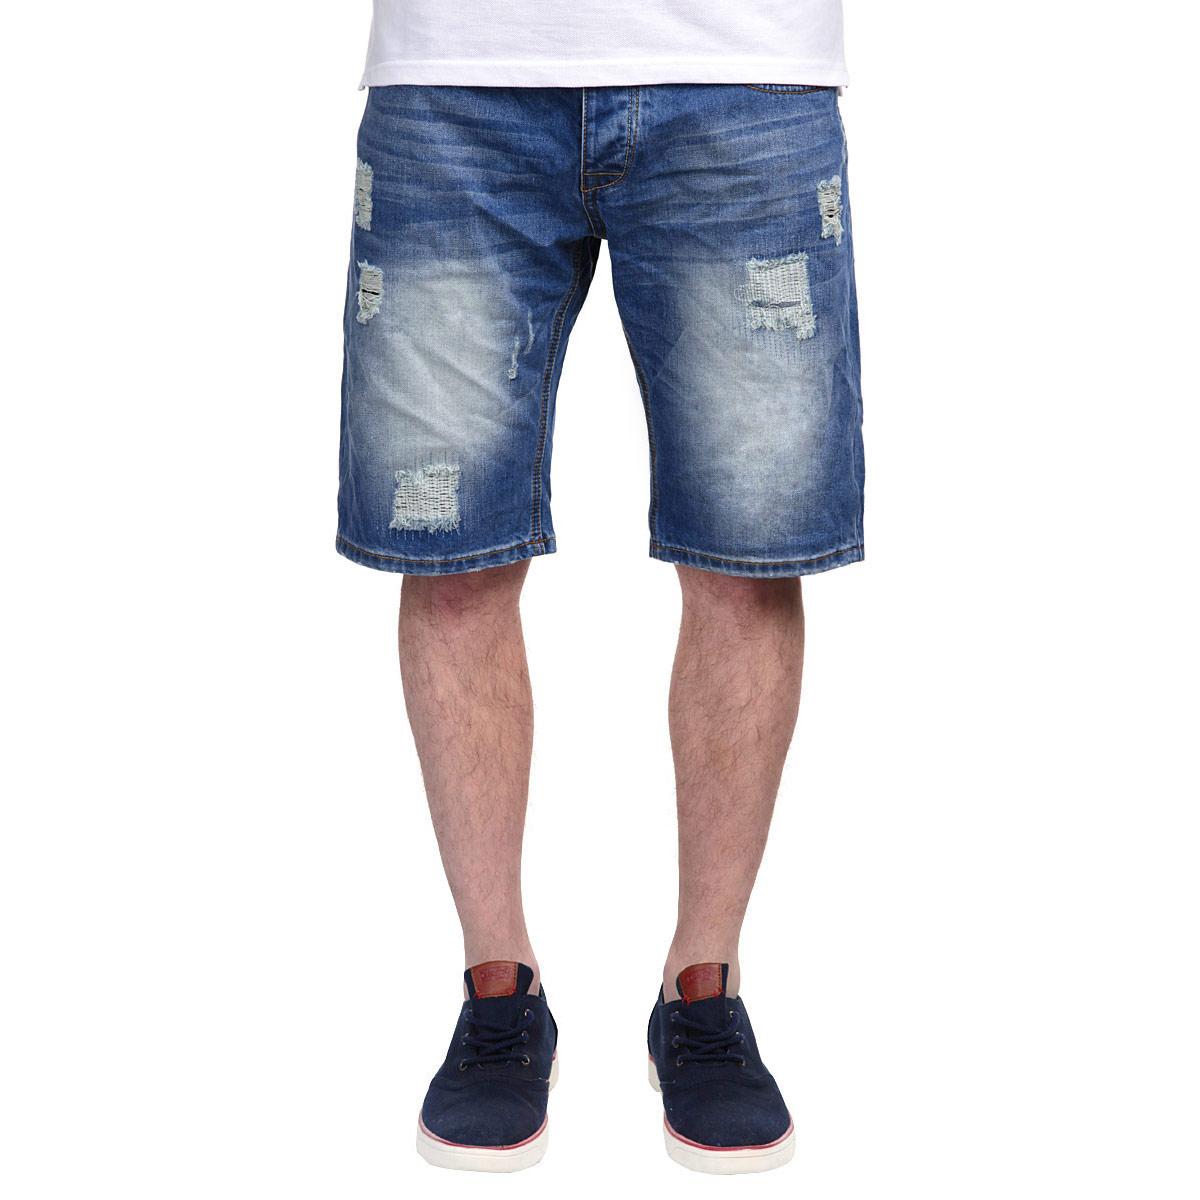 Шорты10152730 545Стильные джинсовые бермуды Broadway, изготовленные из высококачественного хлопка, не сковывают движения, обеспечивая наибольший комфорт. Модель прямого покроя? застегивается на пуговицу в поясе и ширинку на металлических пуговицах, предусмотрены шлевки для ремня. Спереди шорты оформлены двумя втачными карманами и двумя накладными секретными кармашками, сзади расположено три накладных кармана. Модель декорирована рваным эффектом, потертостями и перманентными складками. Такие бермуды - идеальный вариант для жарких летних дней.